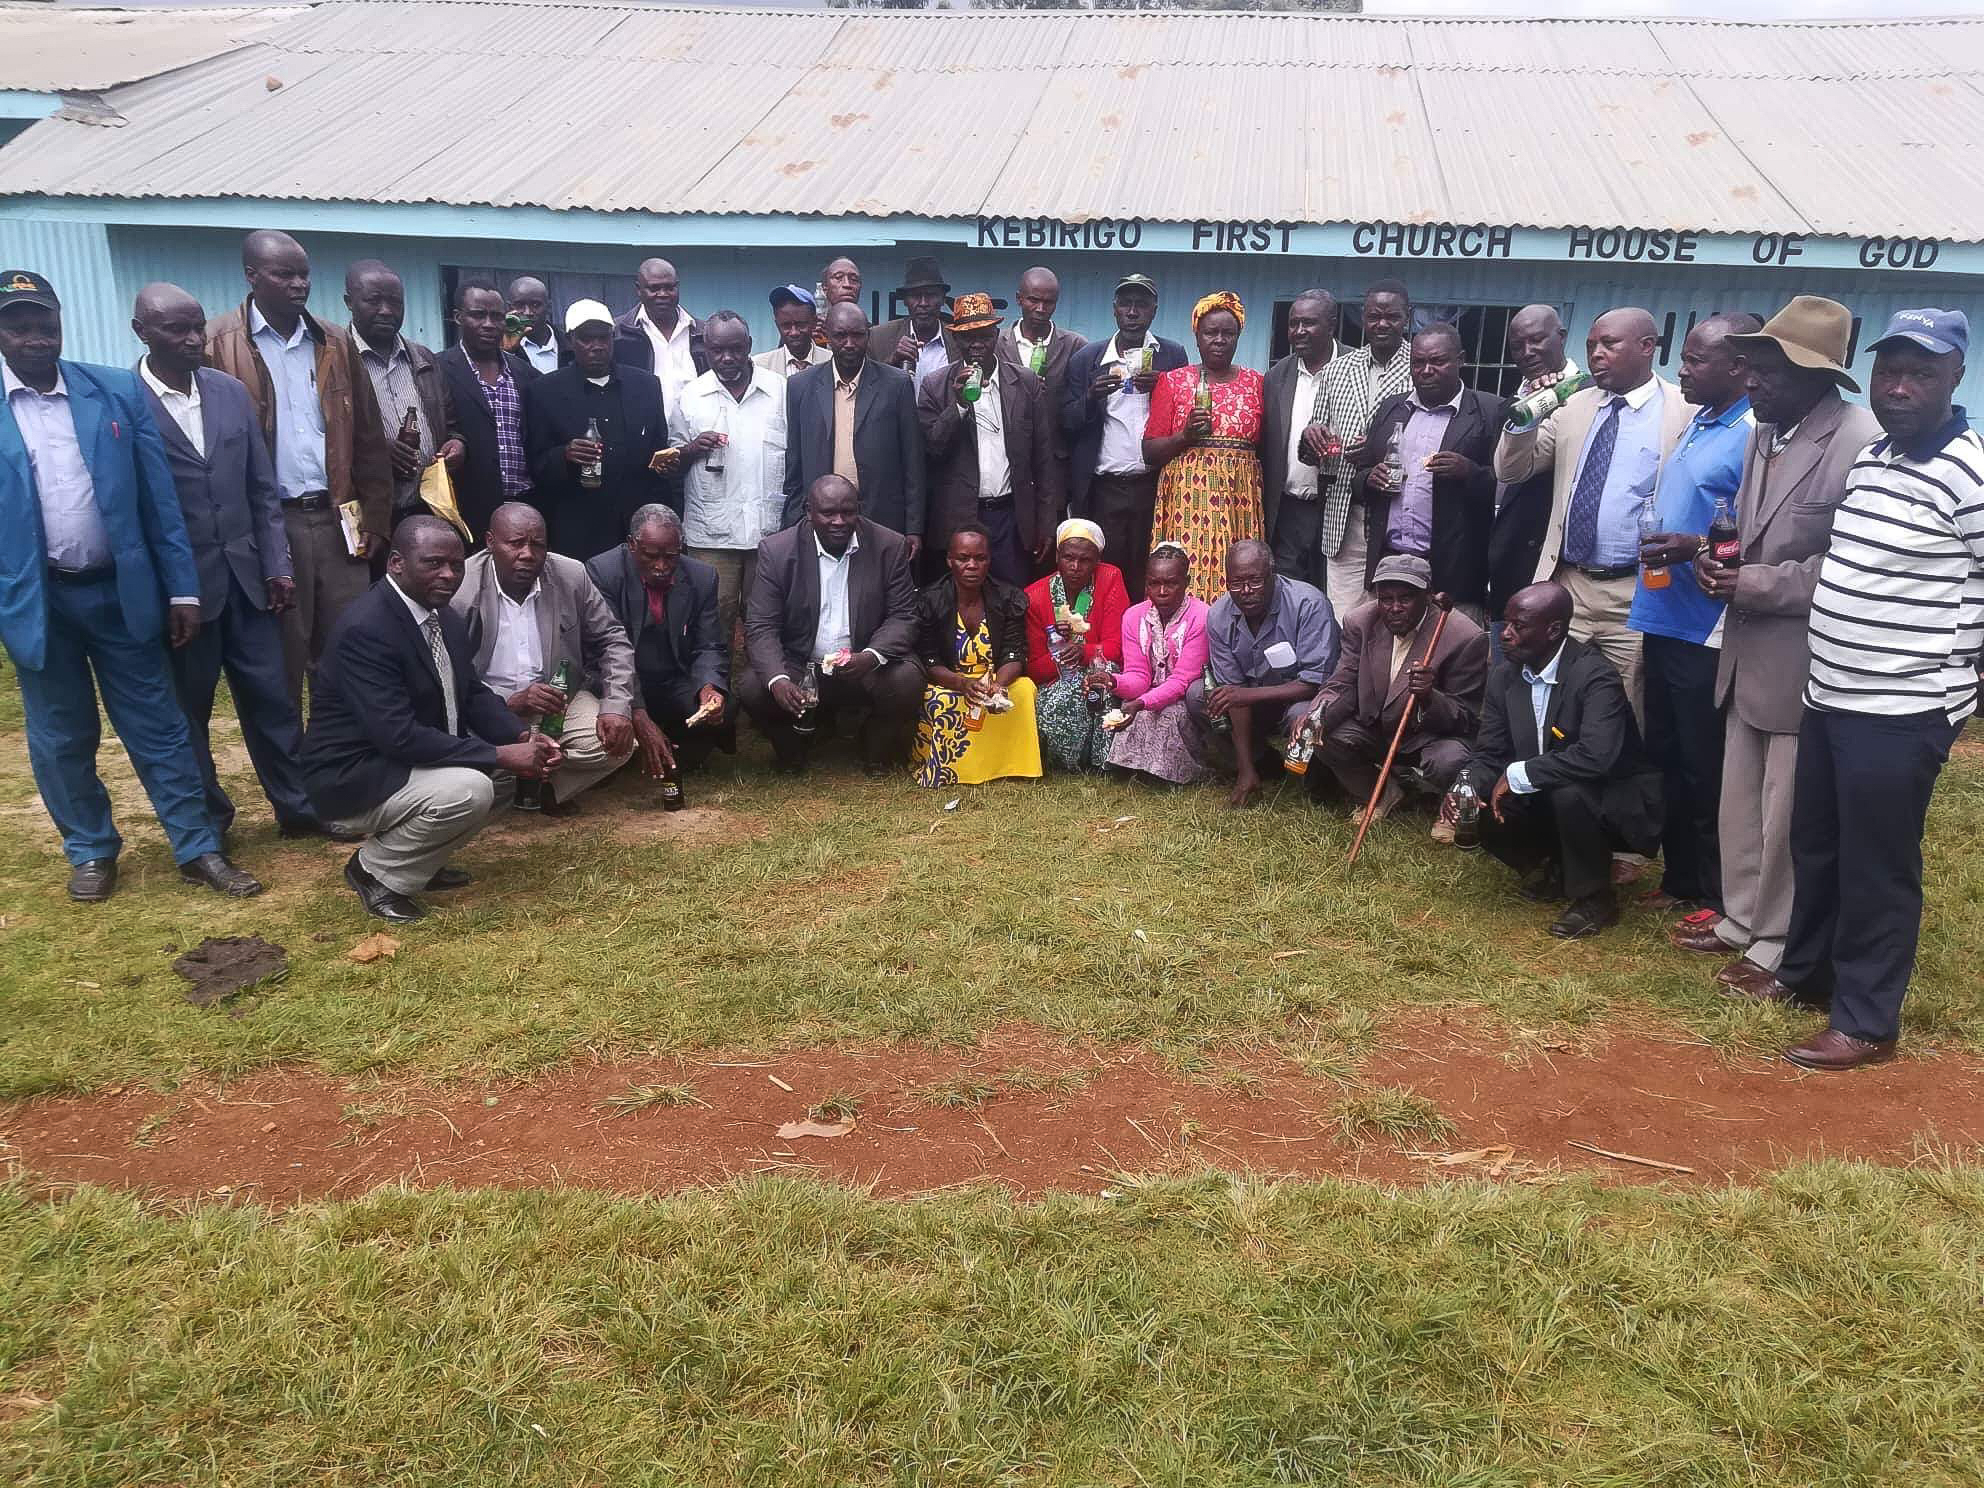 KEBIKIGO FCHG Pastor Convention